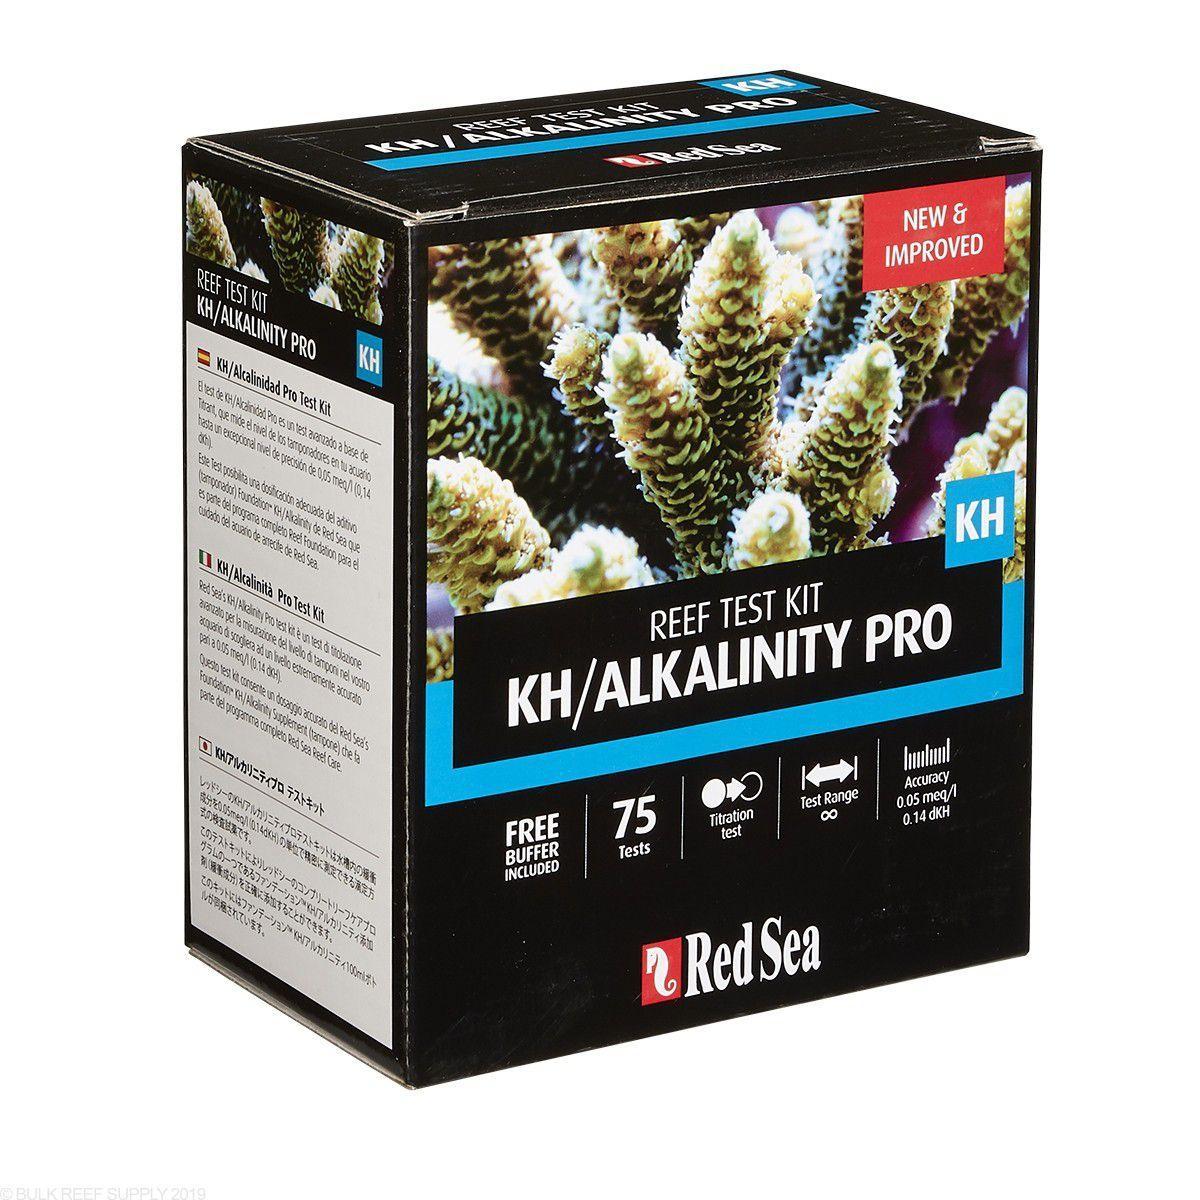 Teste Red Sea Reef Kit Test Kh-alkalinity Pro (kh)